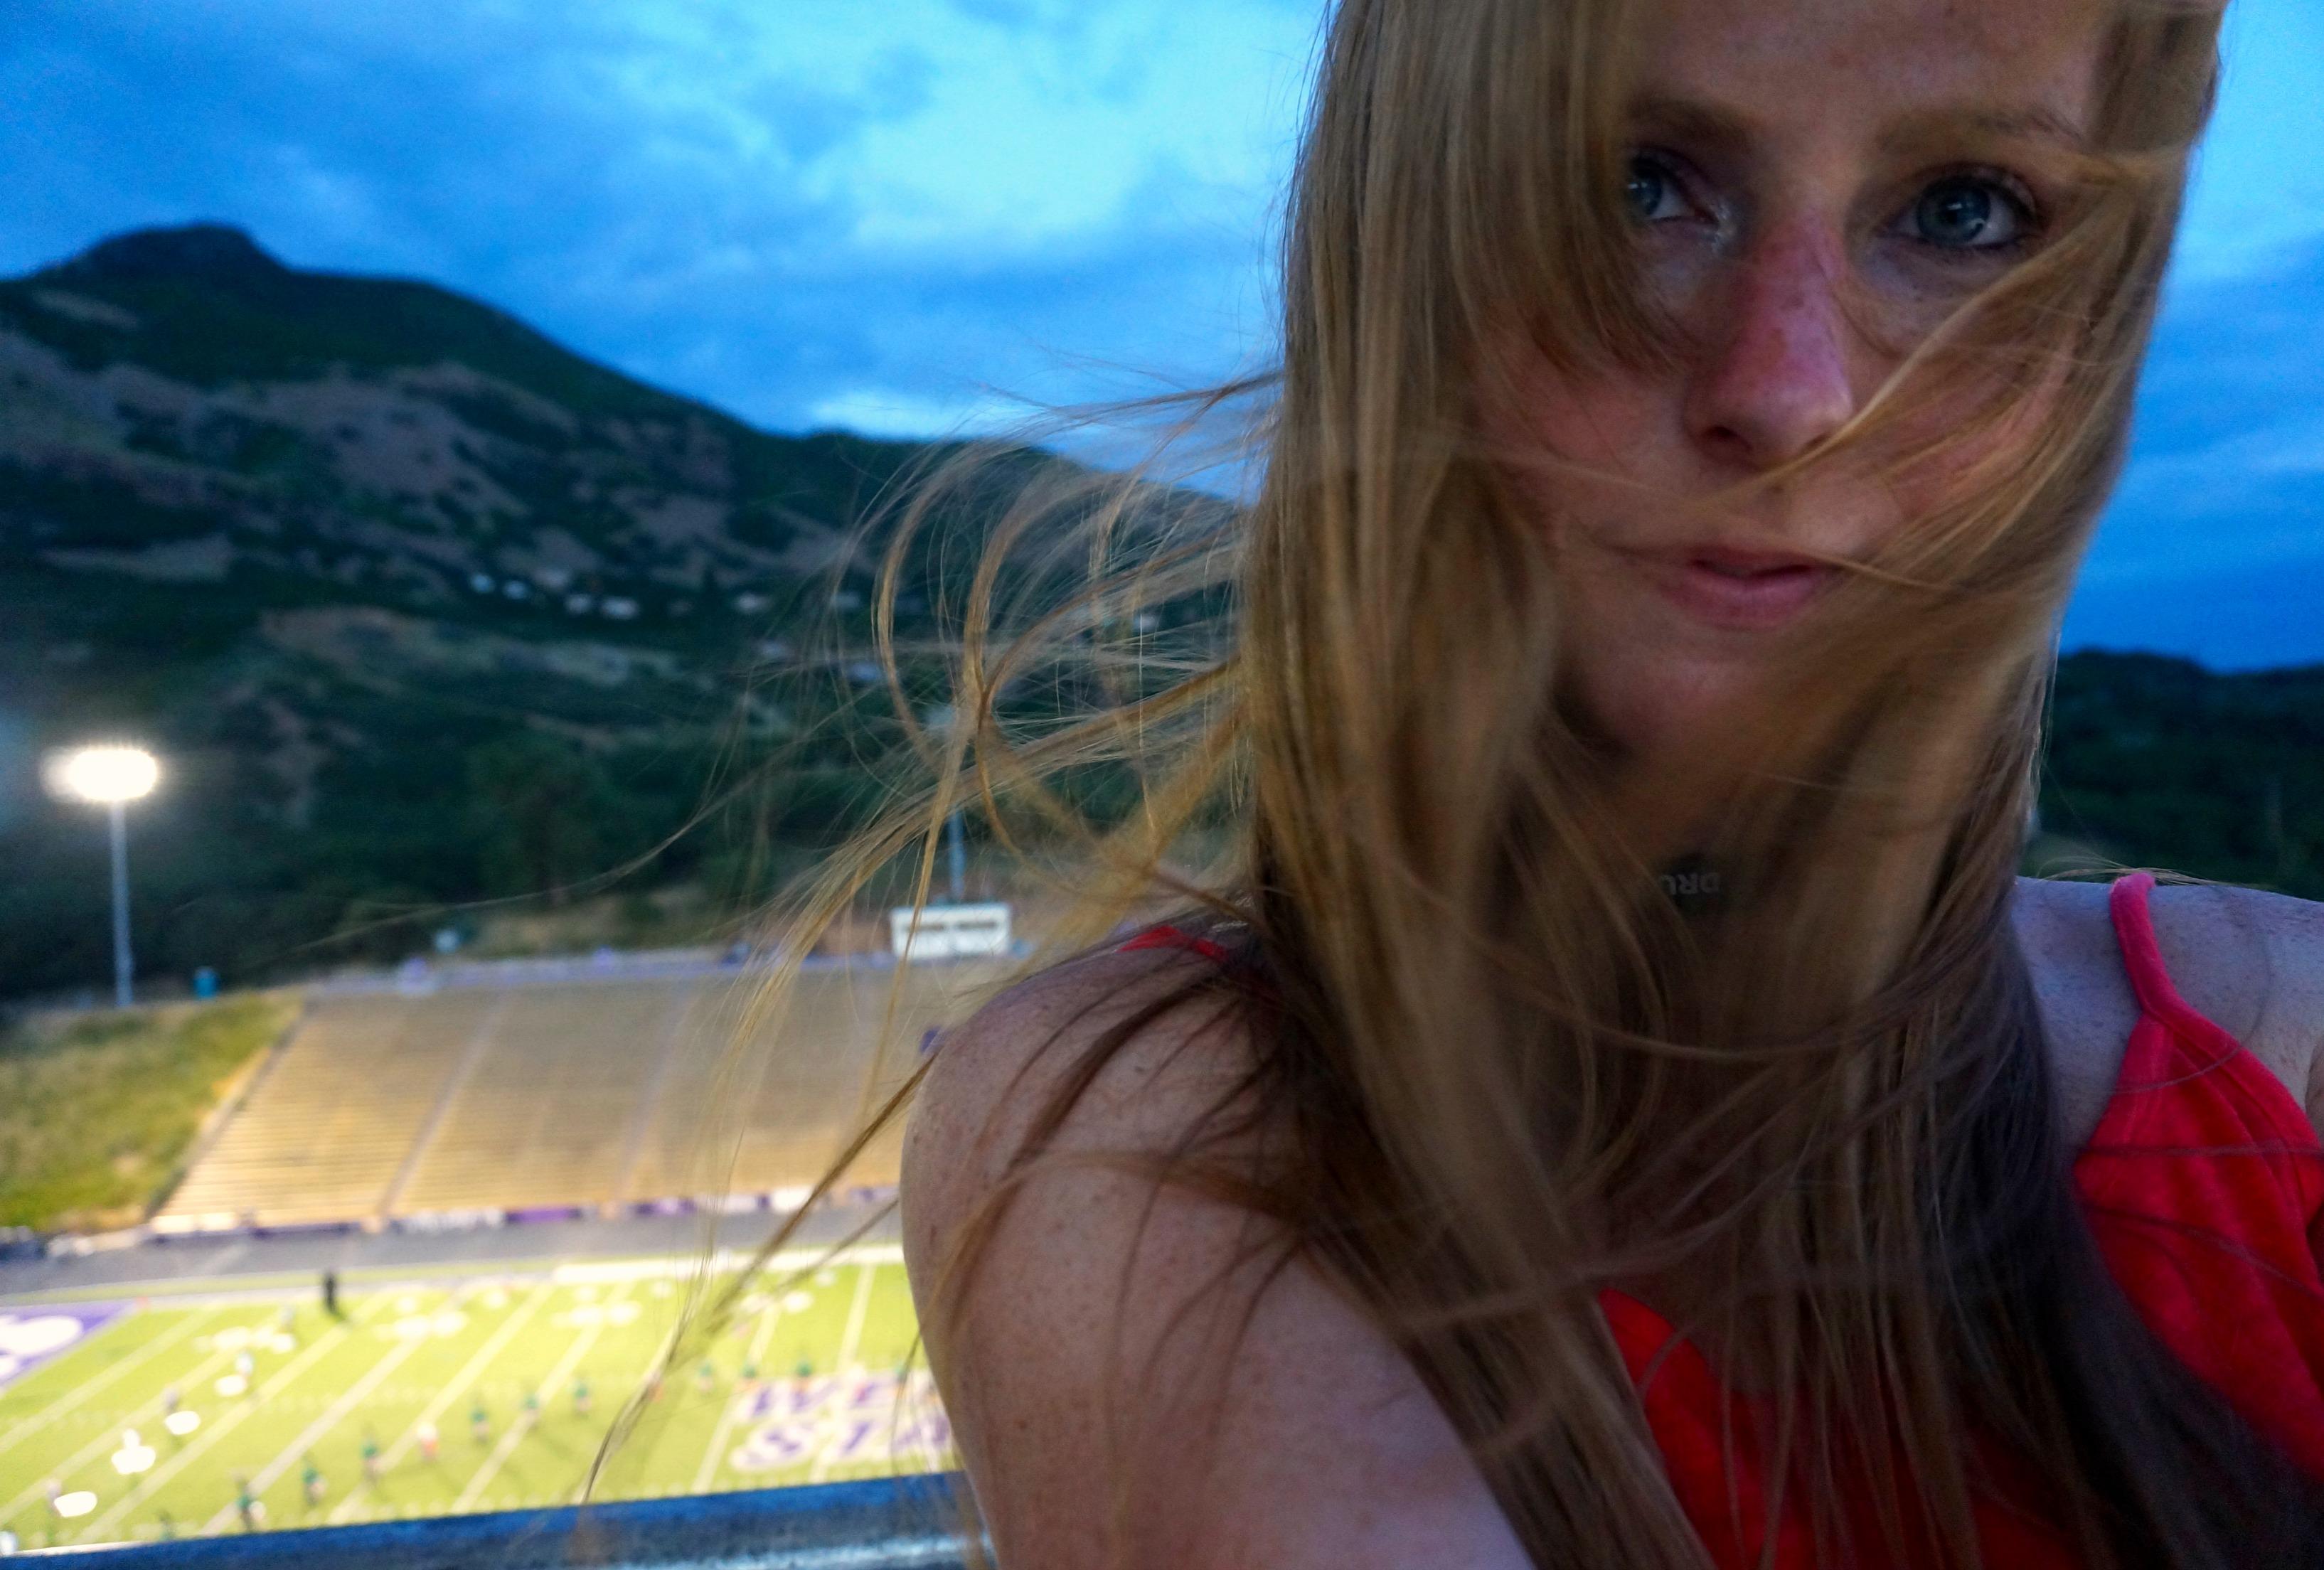 Utah_Stadium